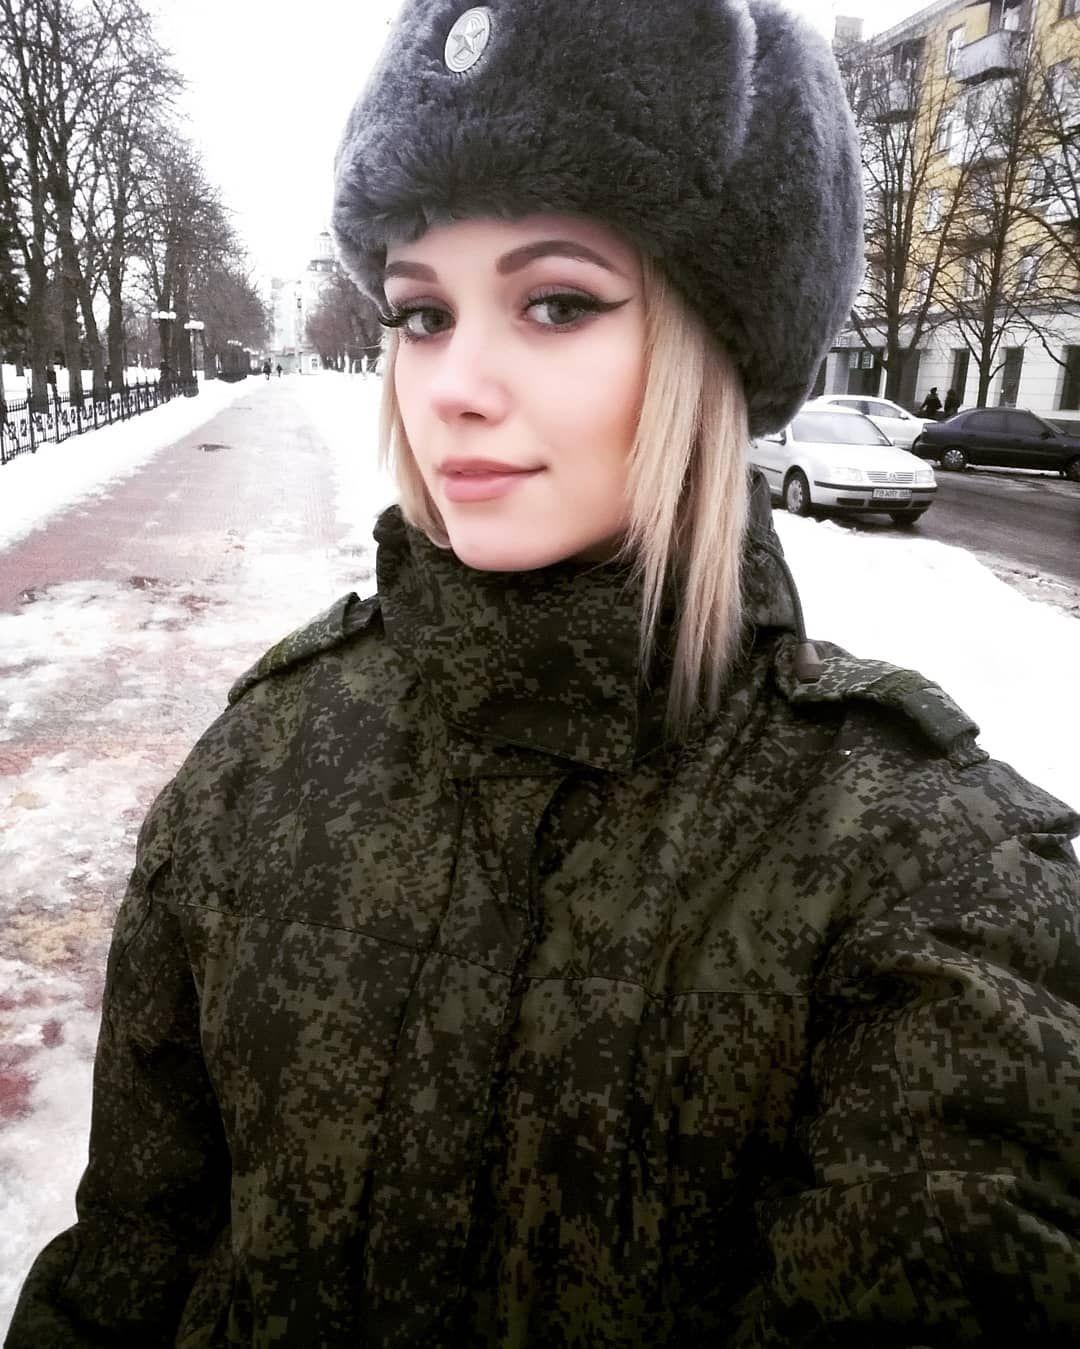 Русские девушки в армии фото — img 15